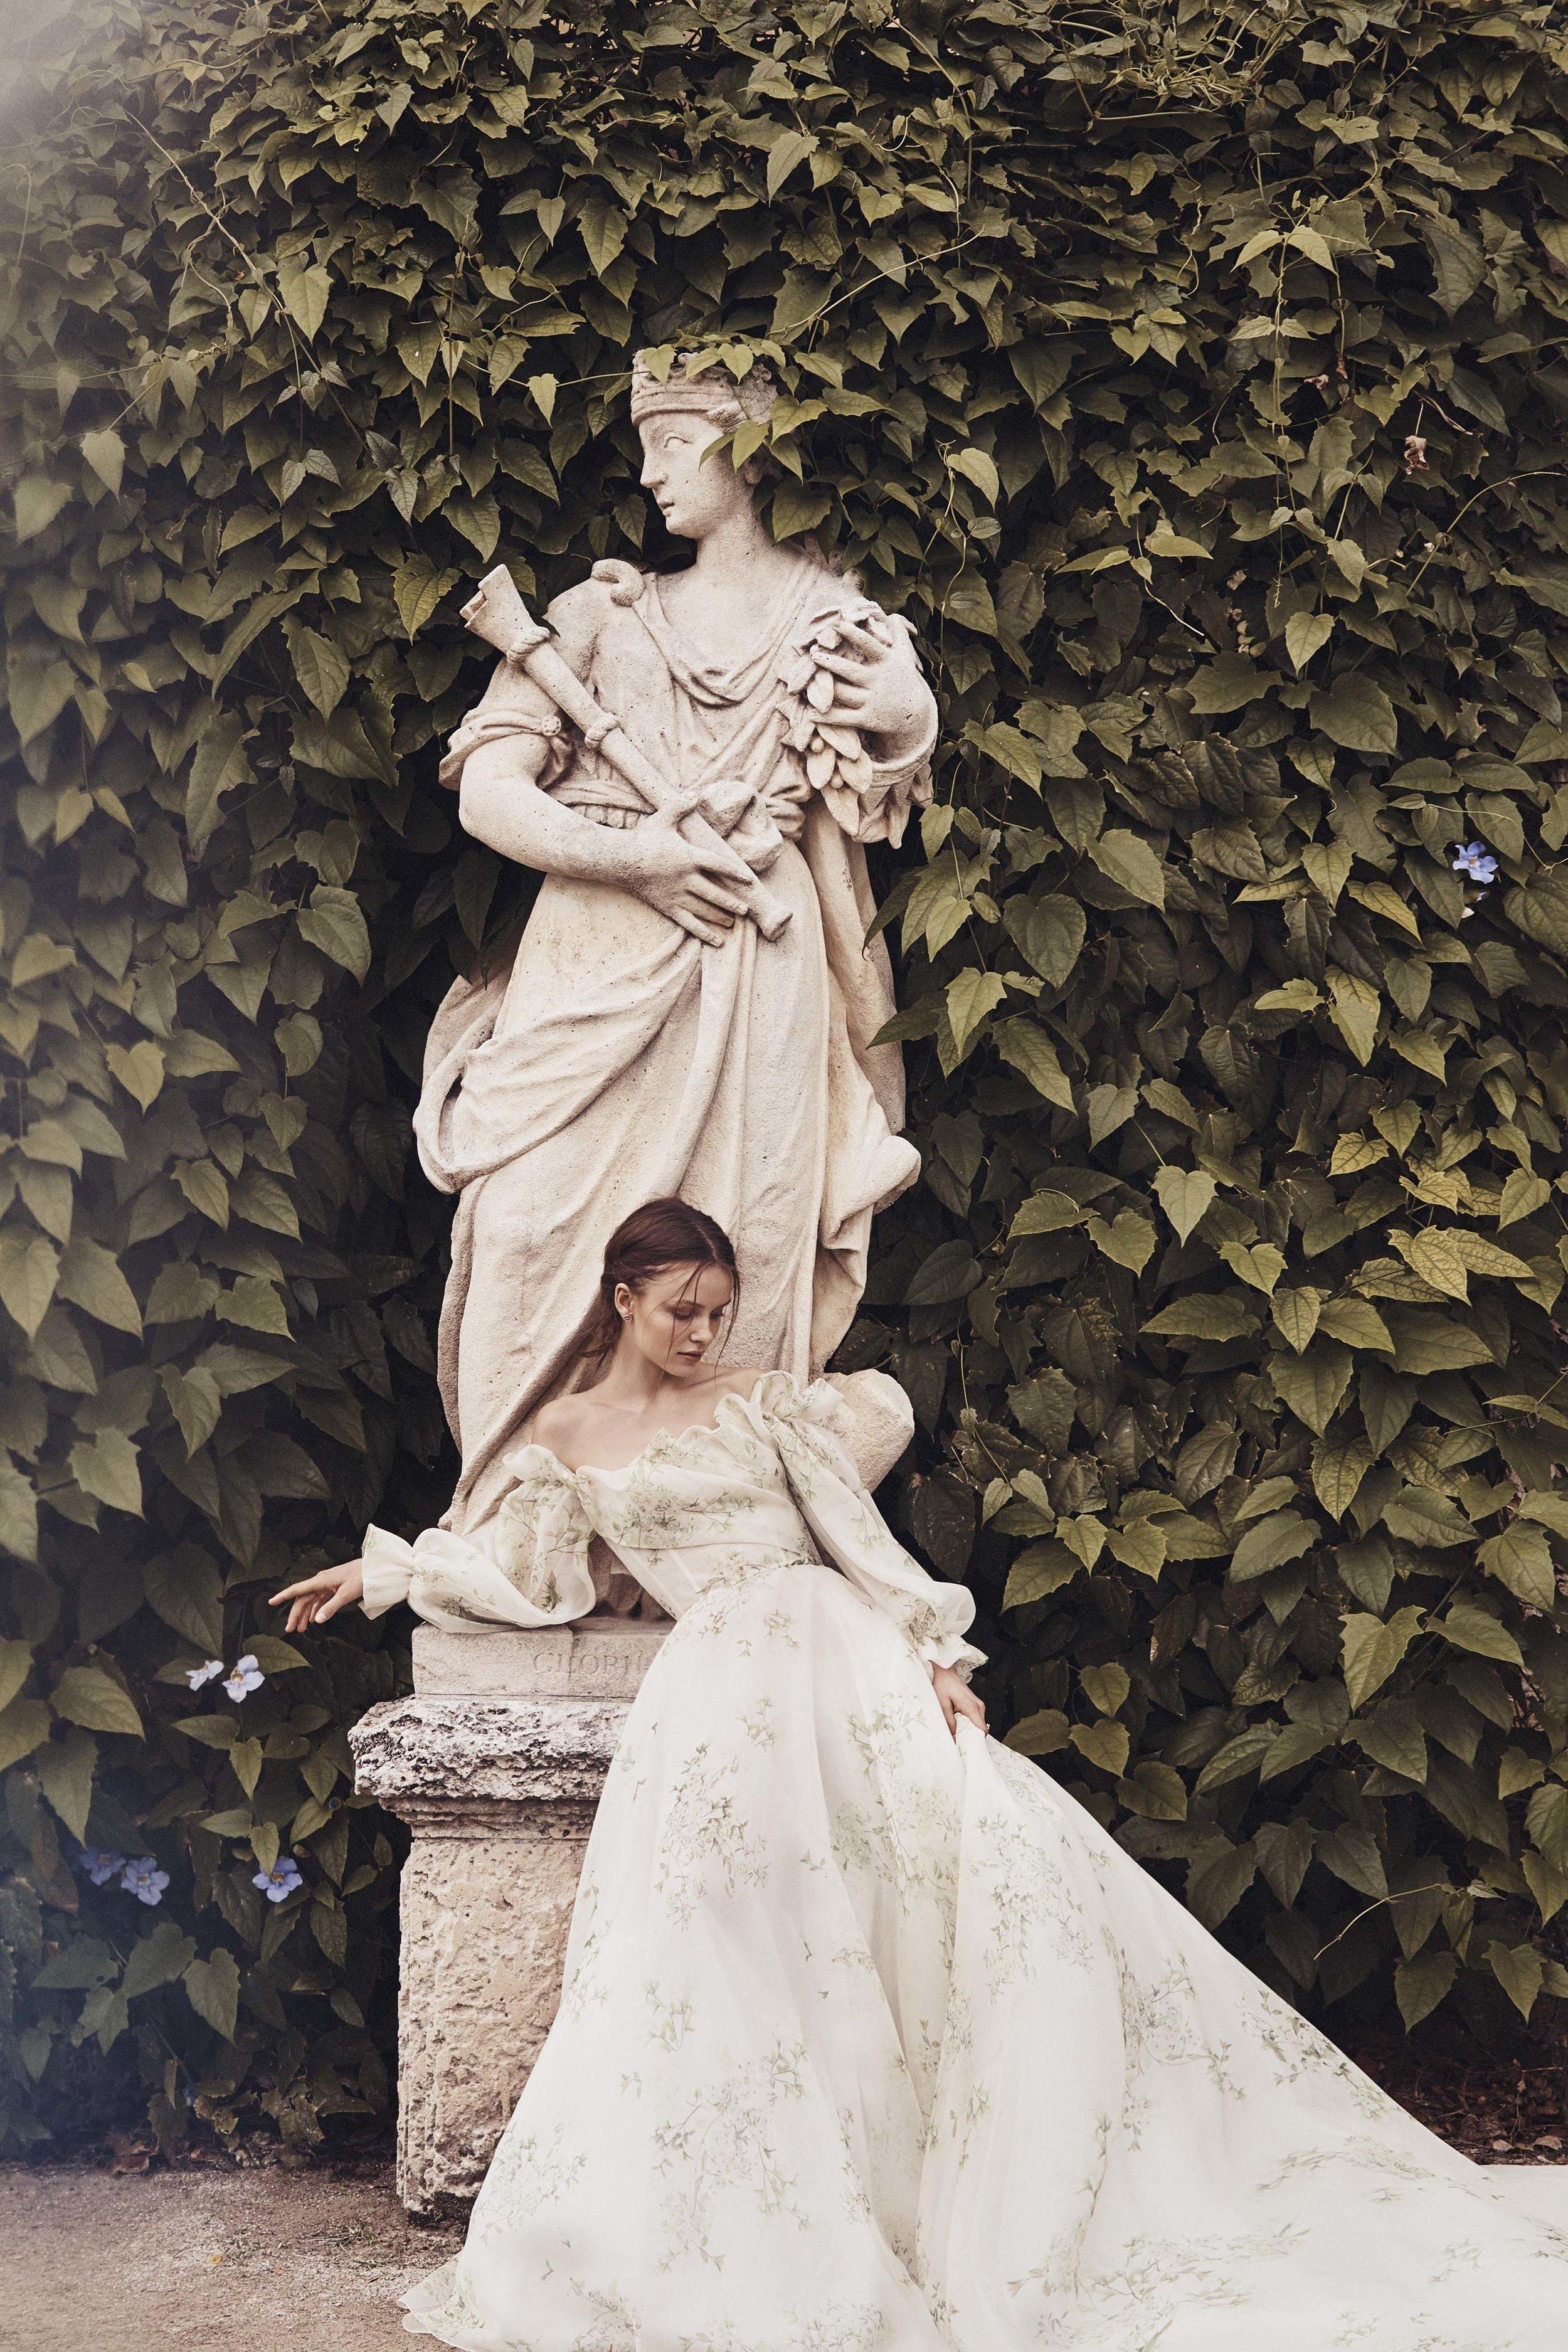 MoniqueLhuillier_Spring_2020_Bridal_Look_3_Bloom.jpg